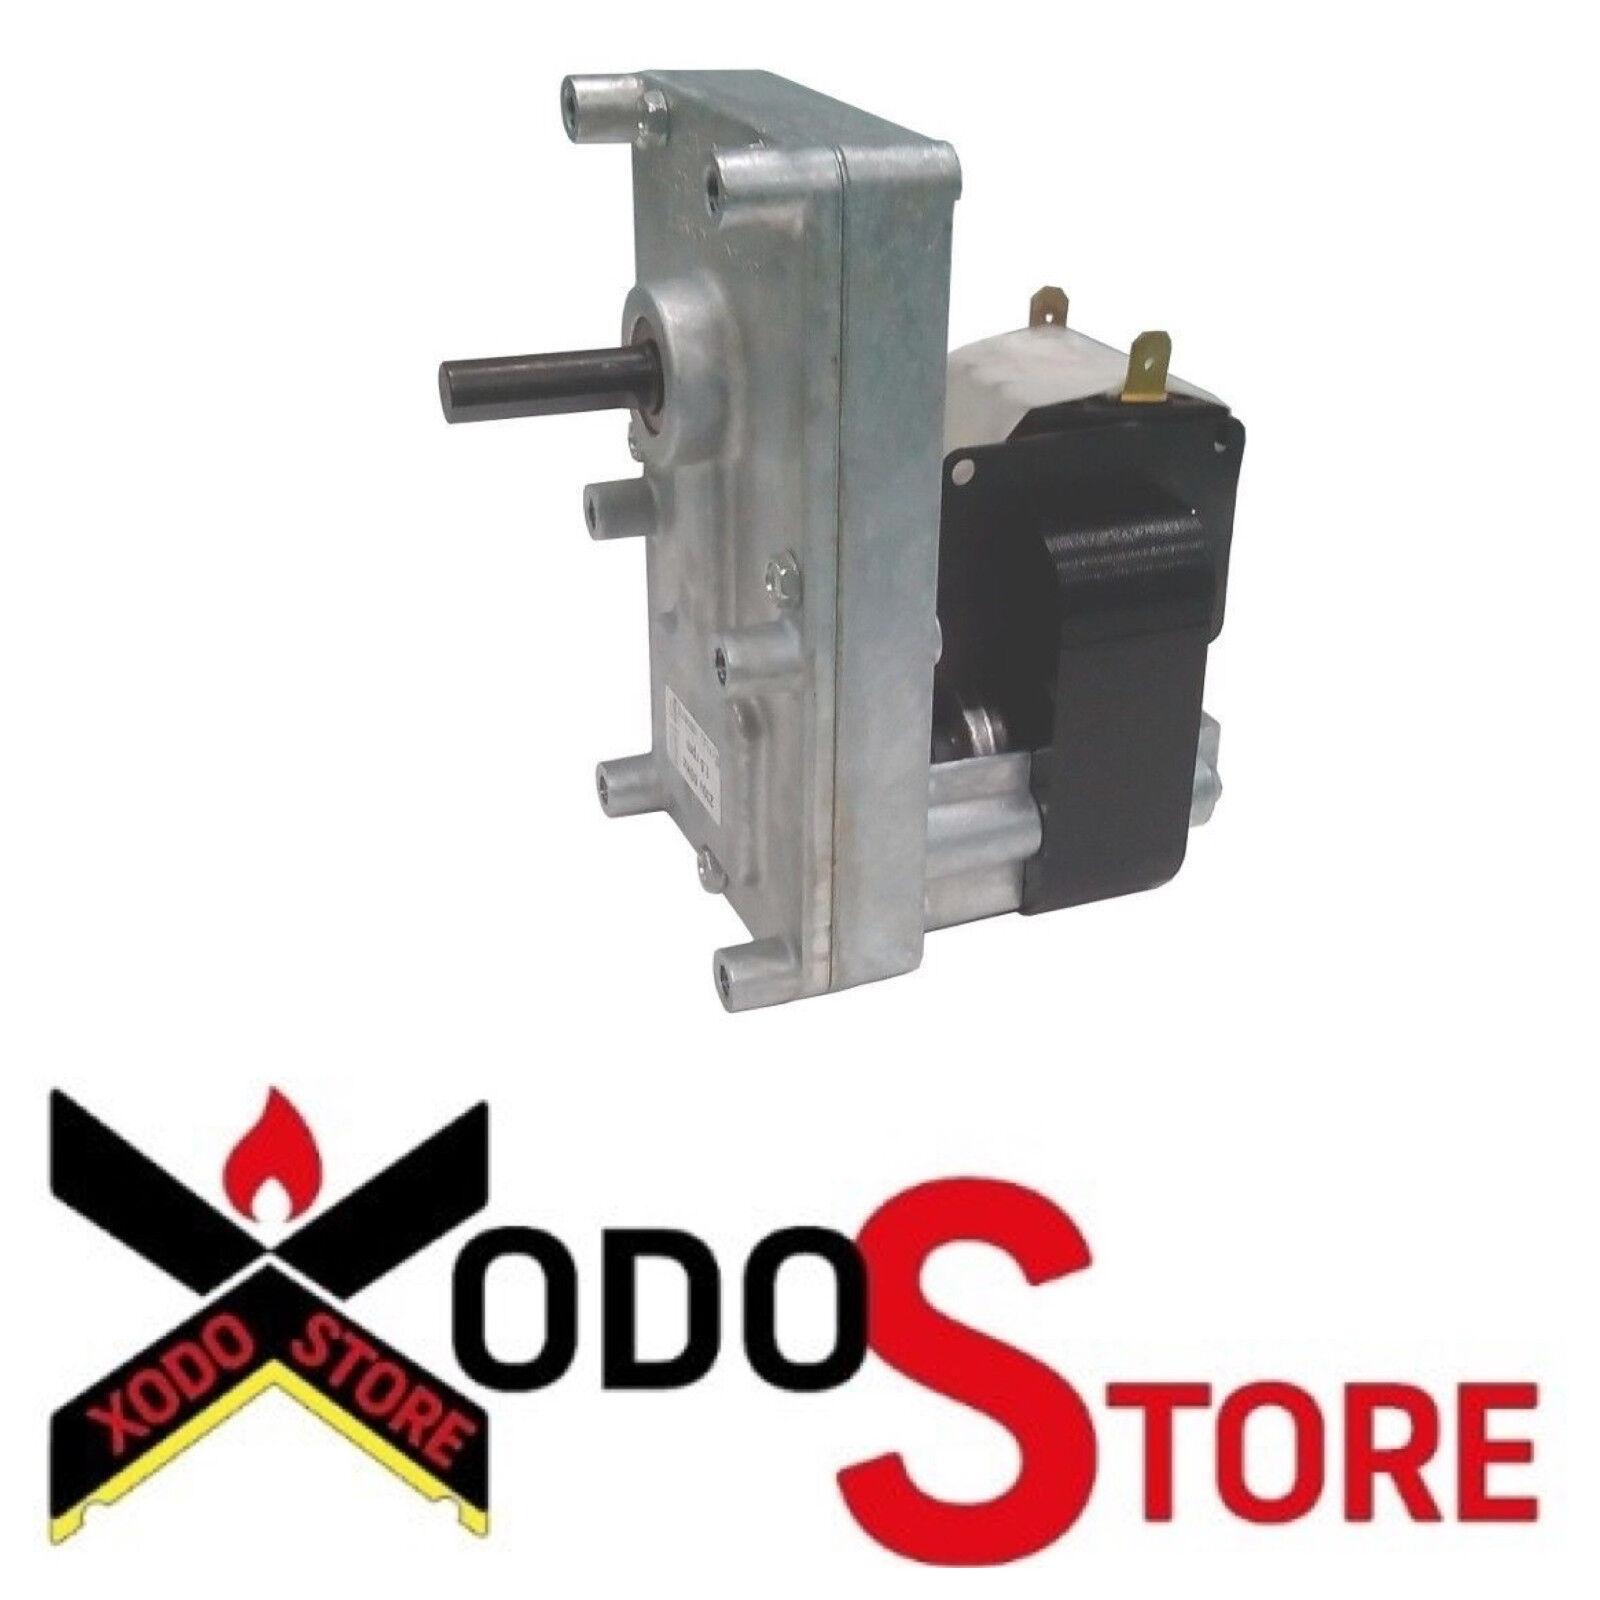 Motoriduttore stufa pellet MONTEGRAPPA T3 1,5 rpm Pacco 25 Albero 9,5 mm FB1171